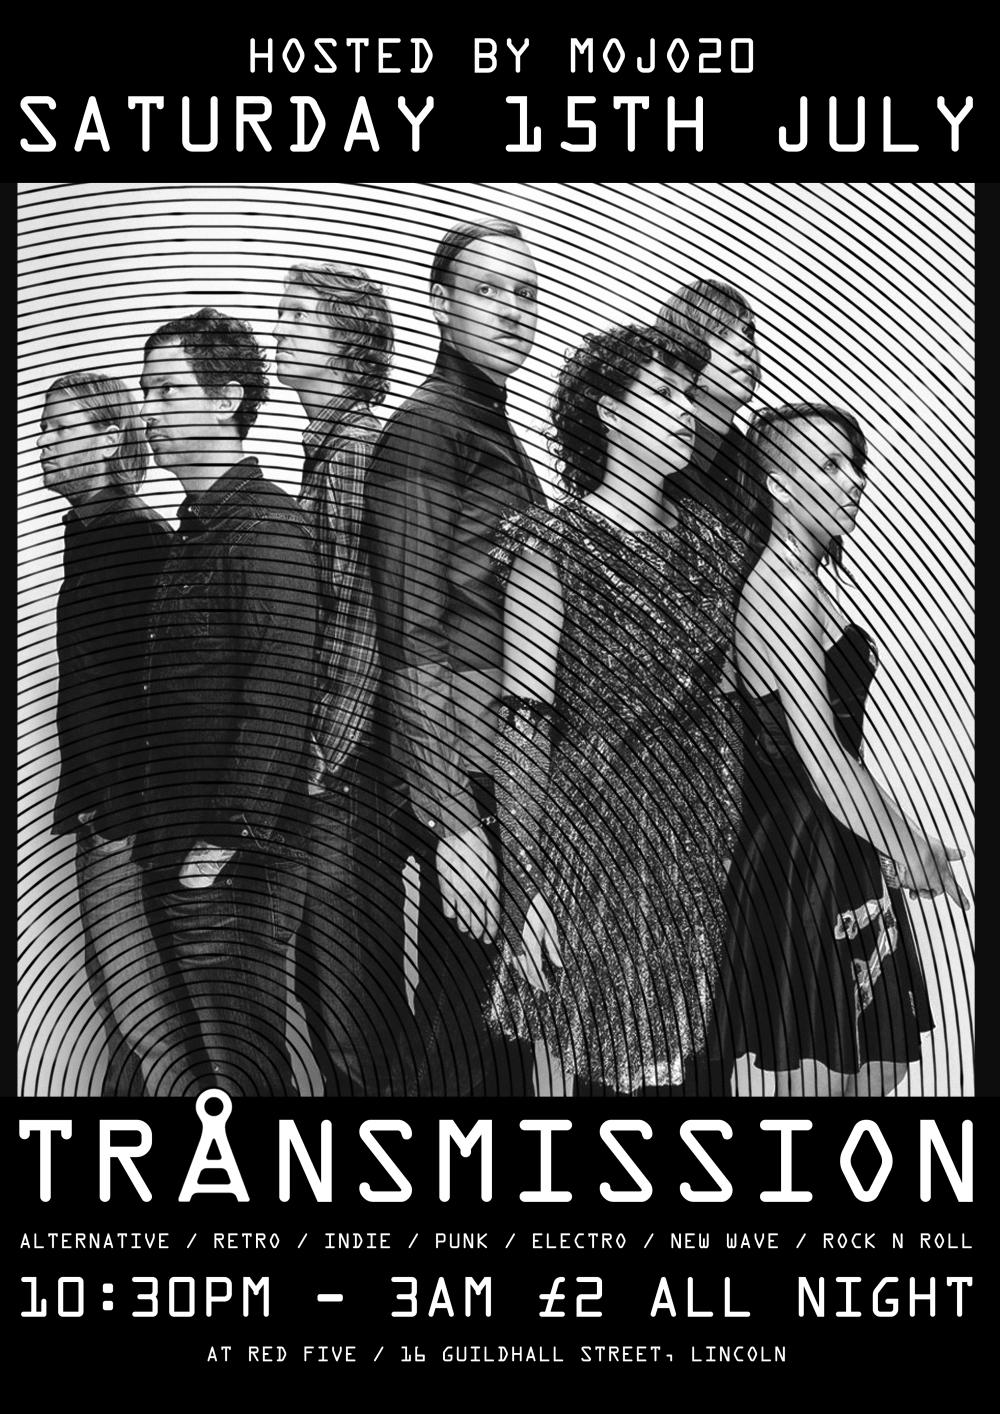 TRANSMISSION JULY 2017 POSTER.jpg